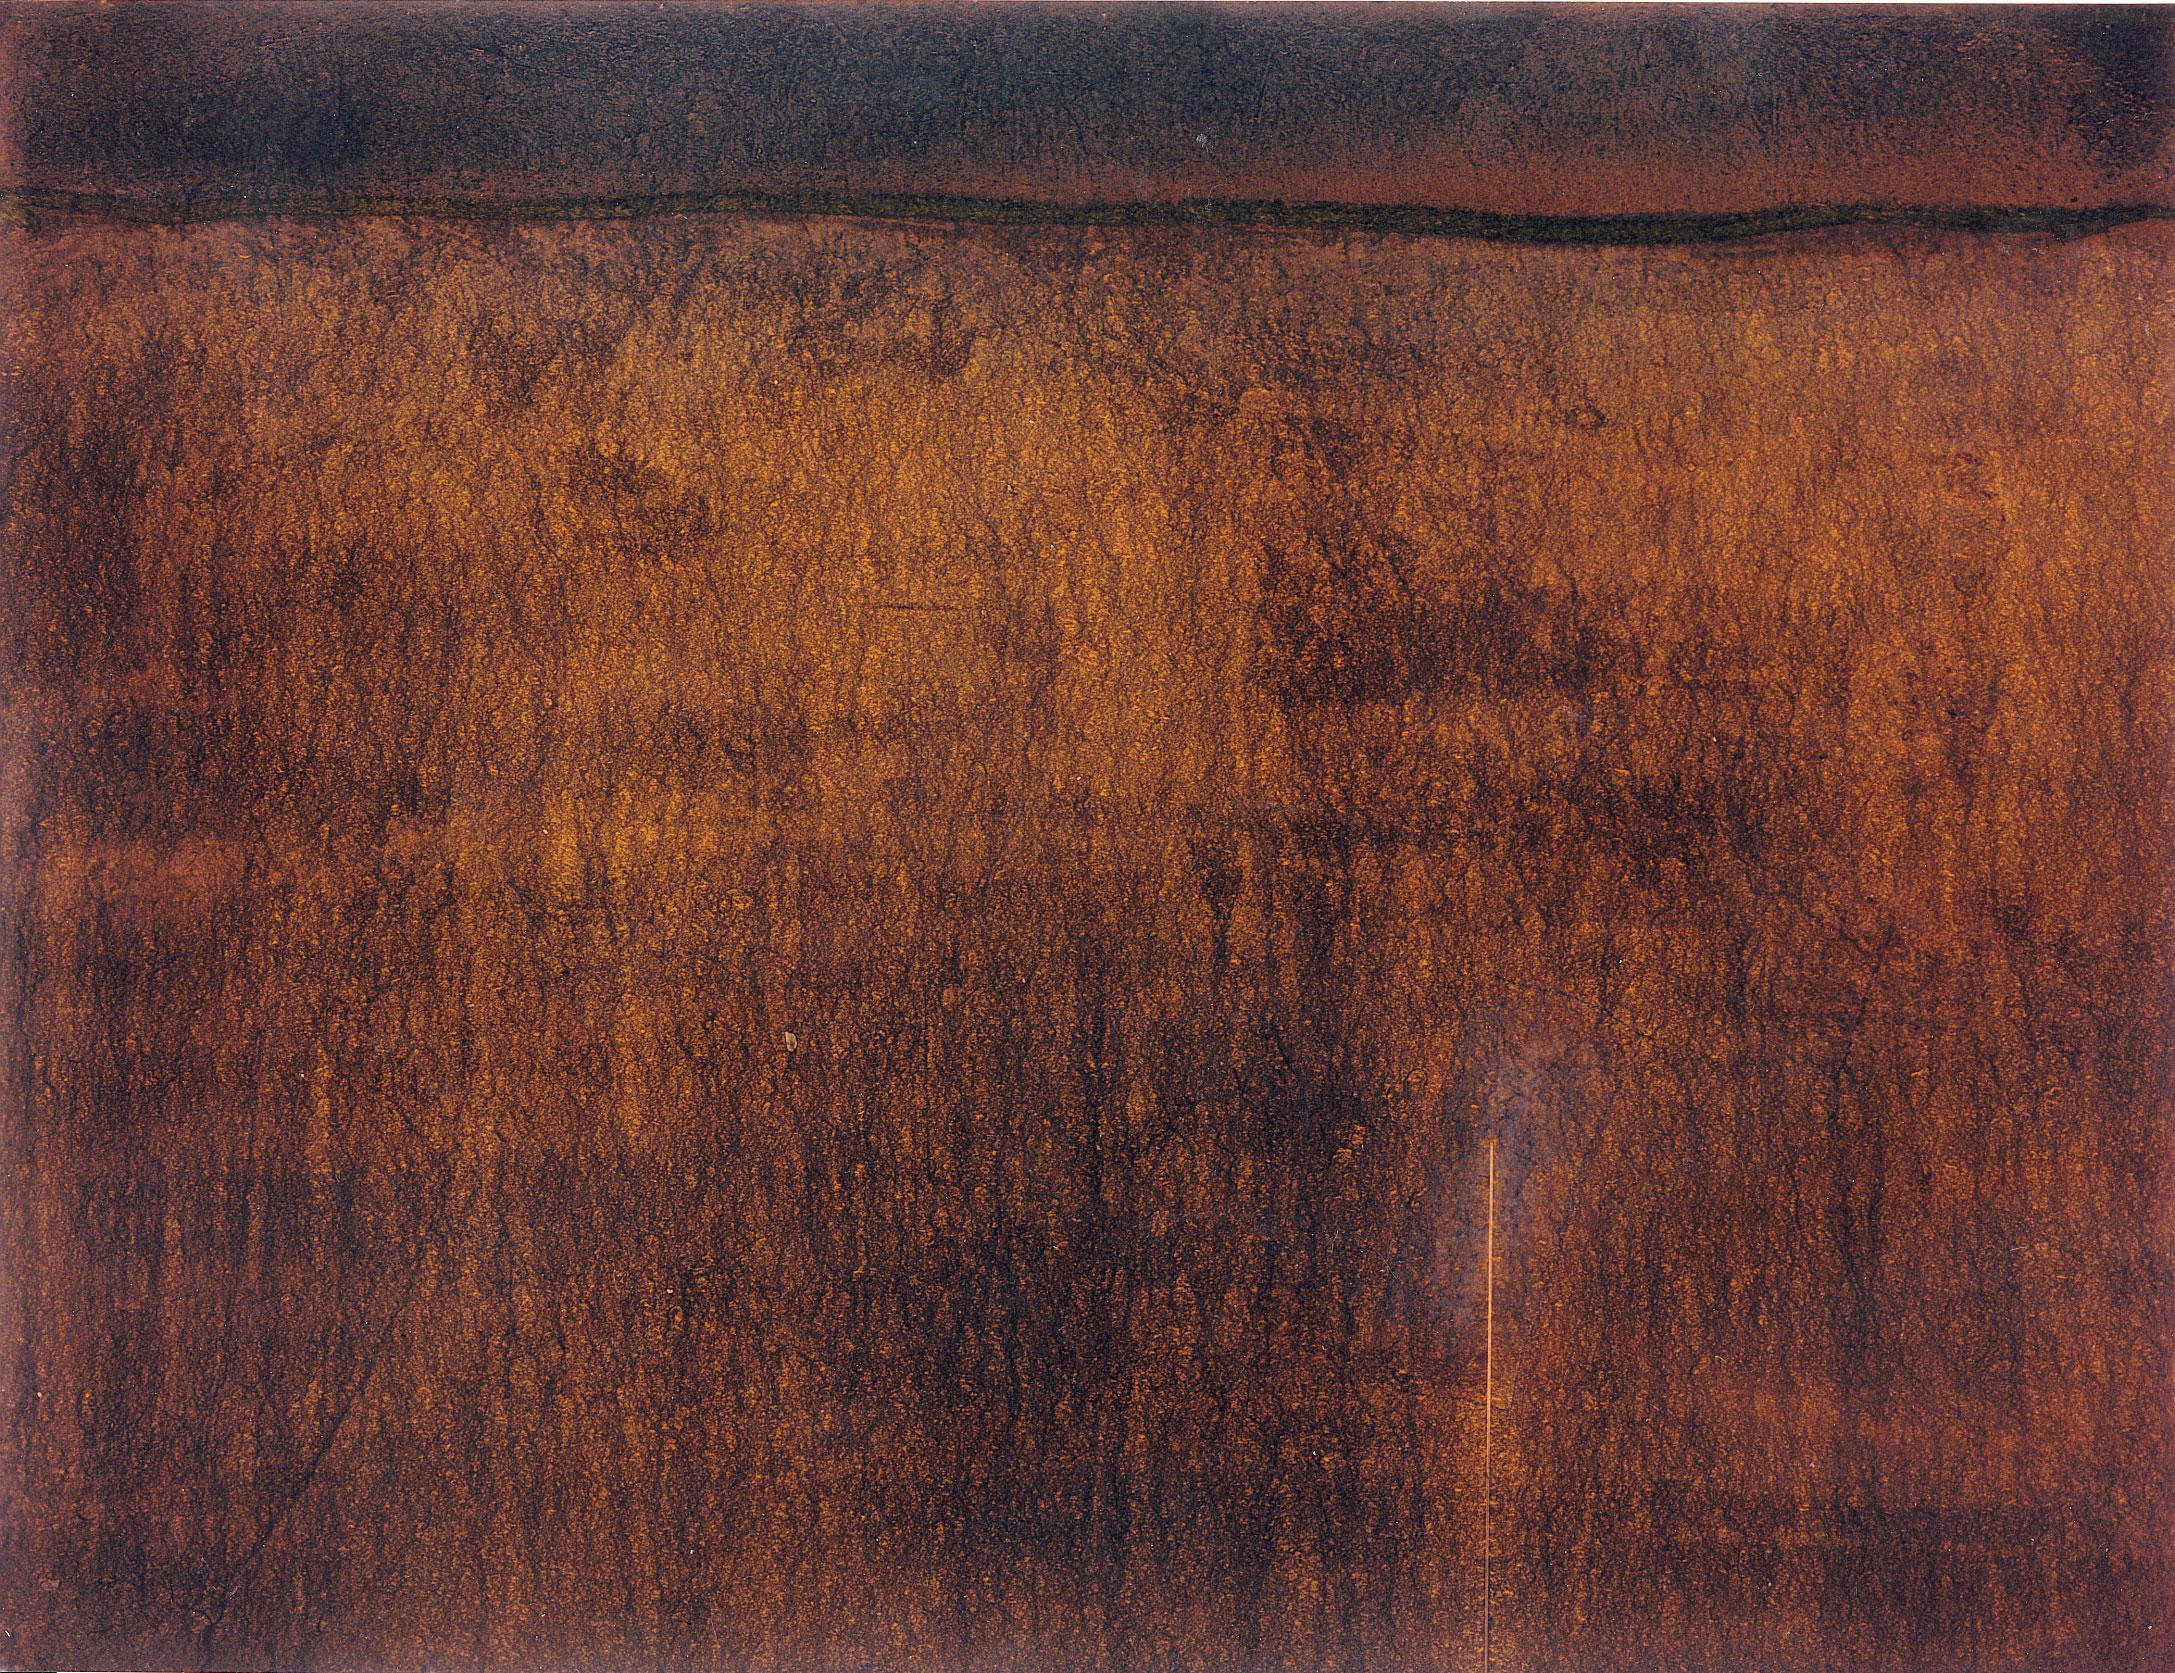 Sense títol,  pintura sobre tela, 90 x 114 centímetres 1993